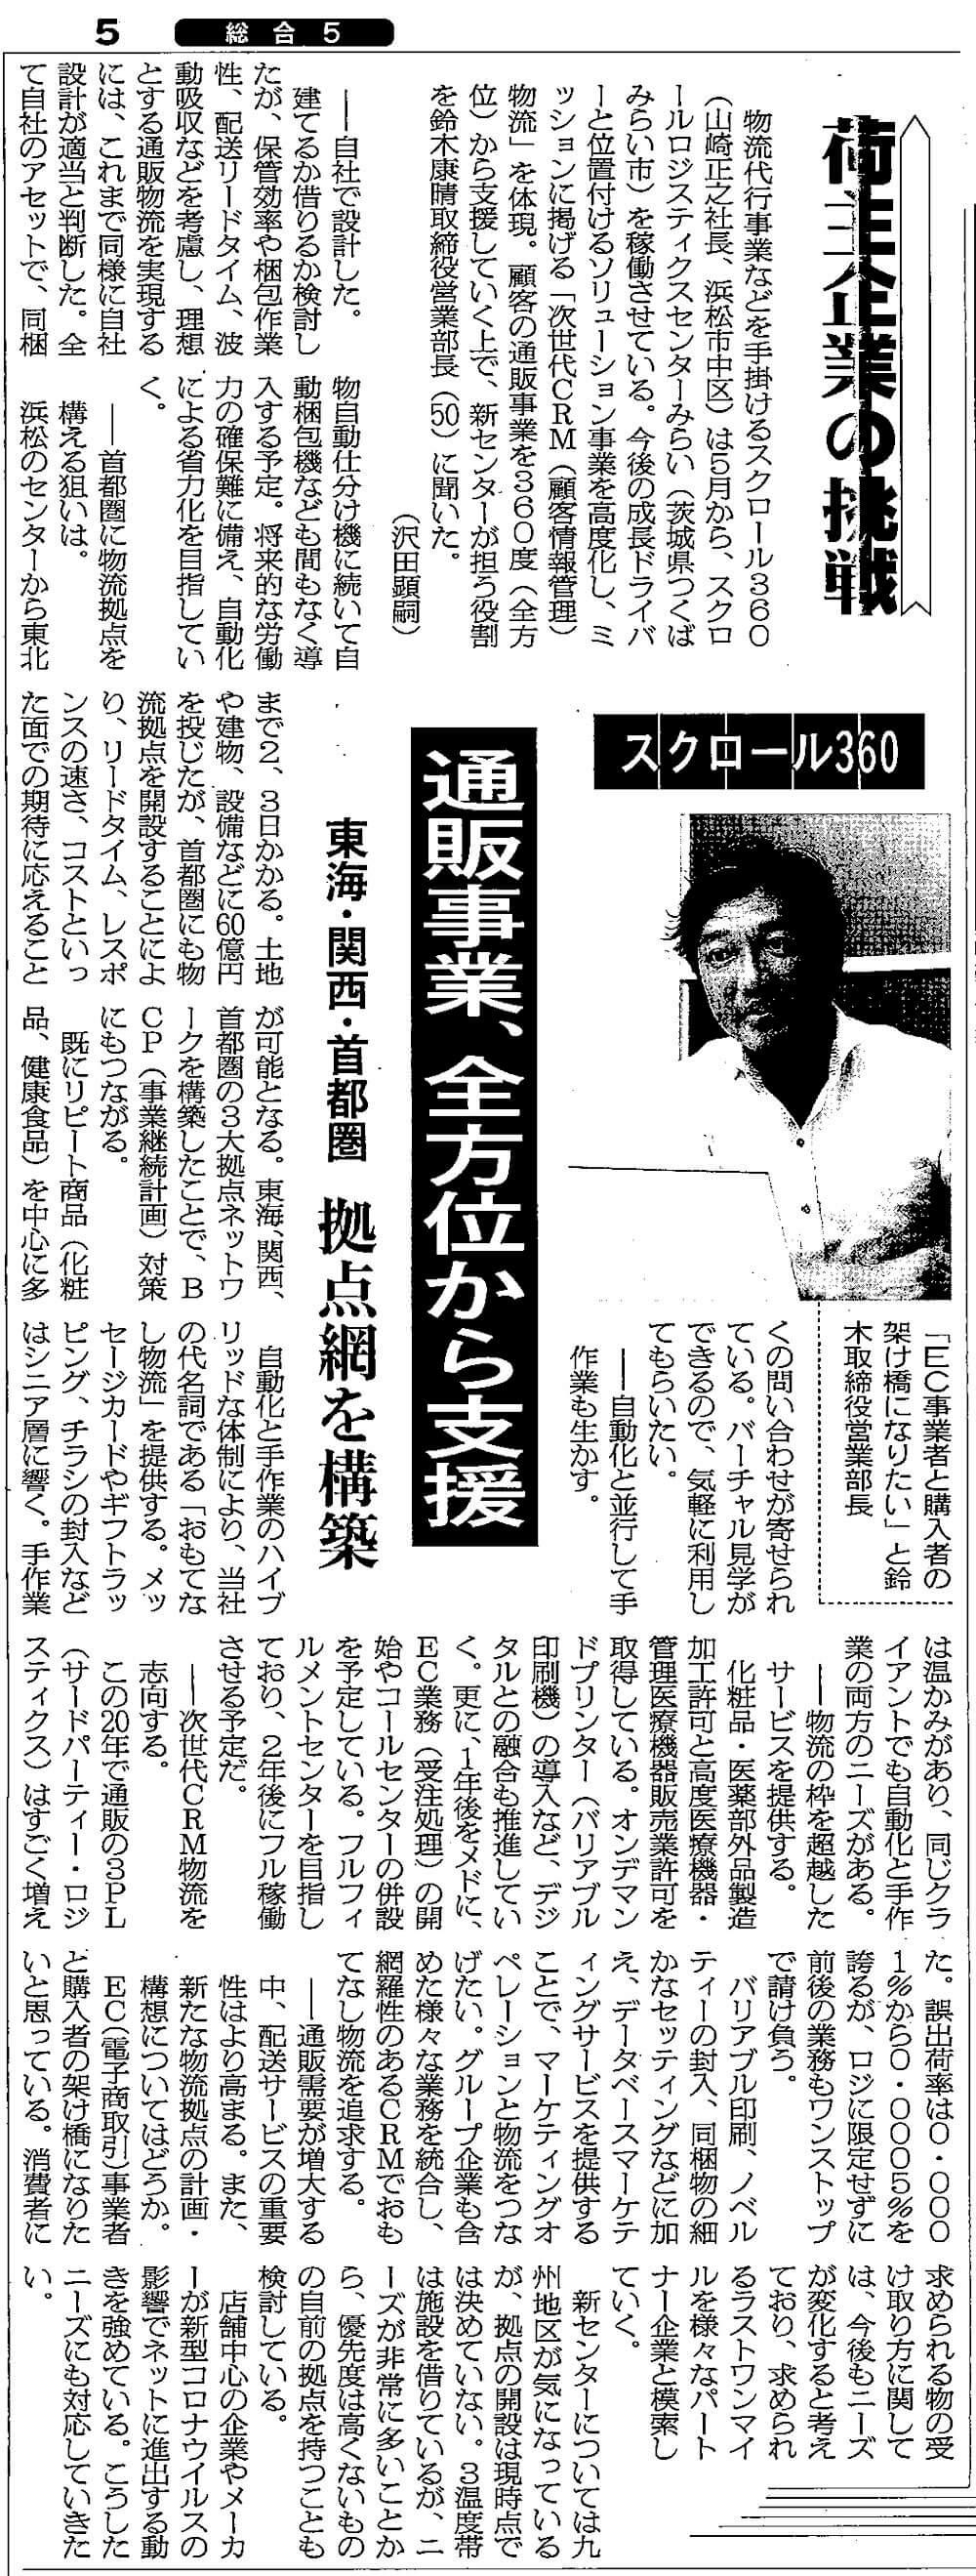 物流ニッポン記事